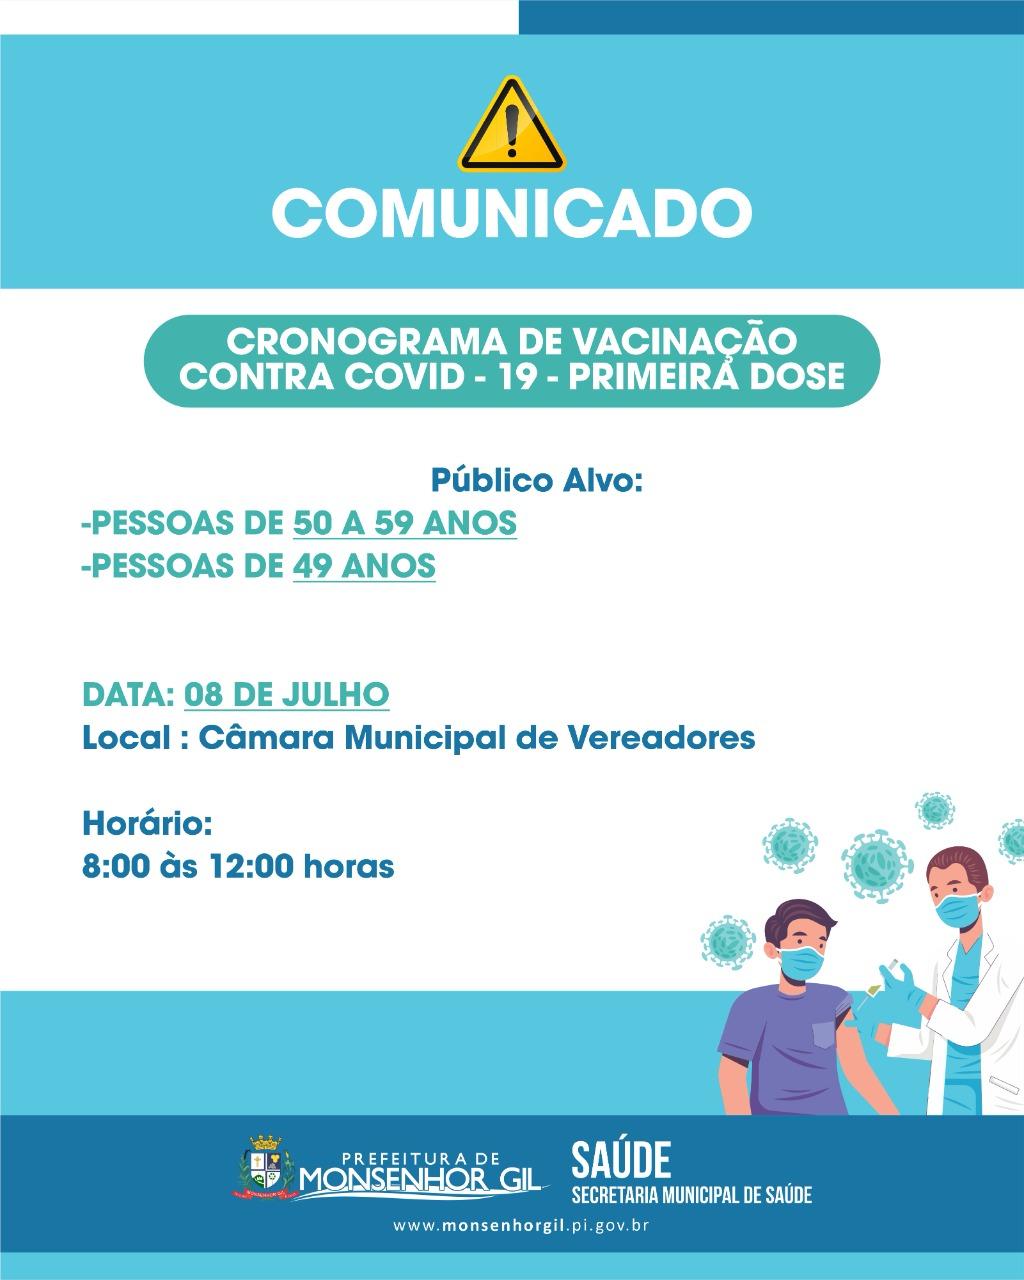 Casos de Covid-19 desacelera e vacinação avança em Monsenhor Gil - Imagem 1